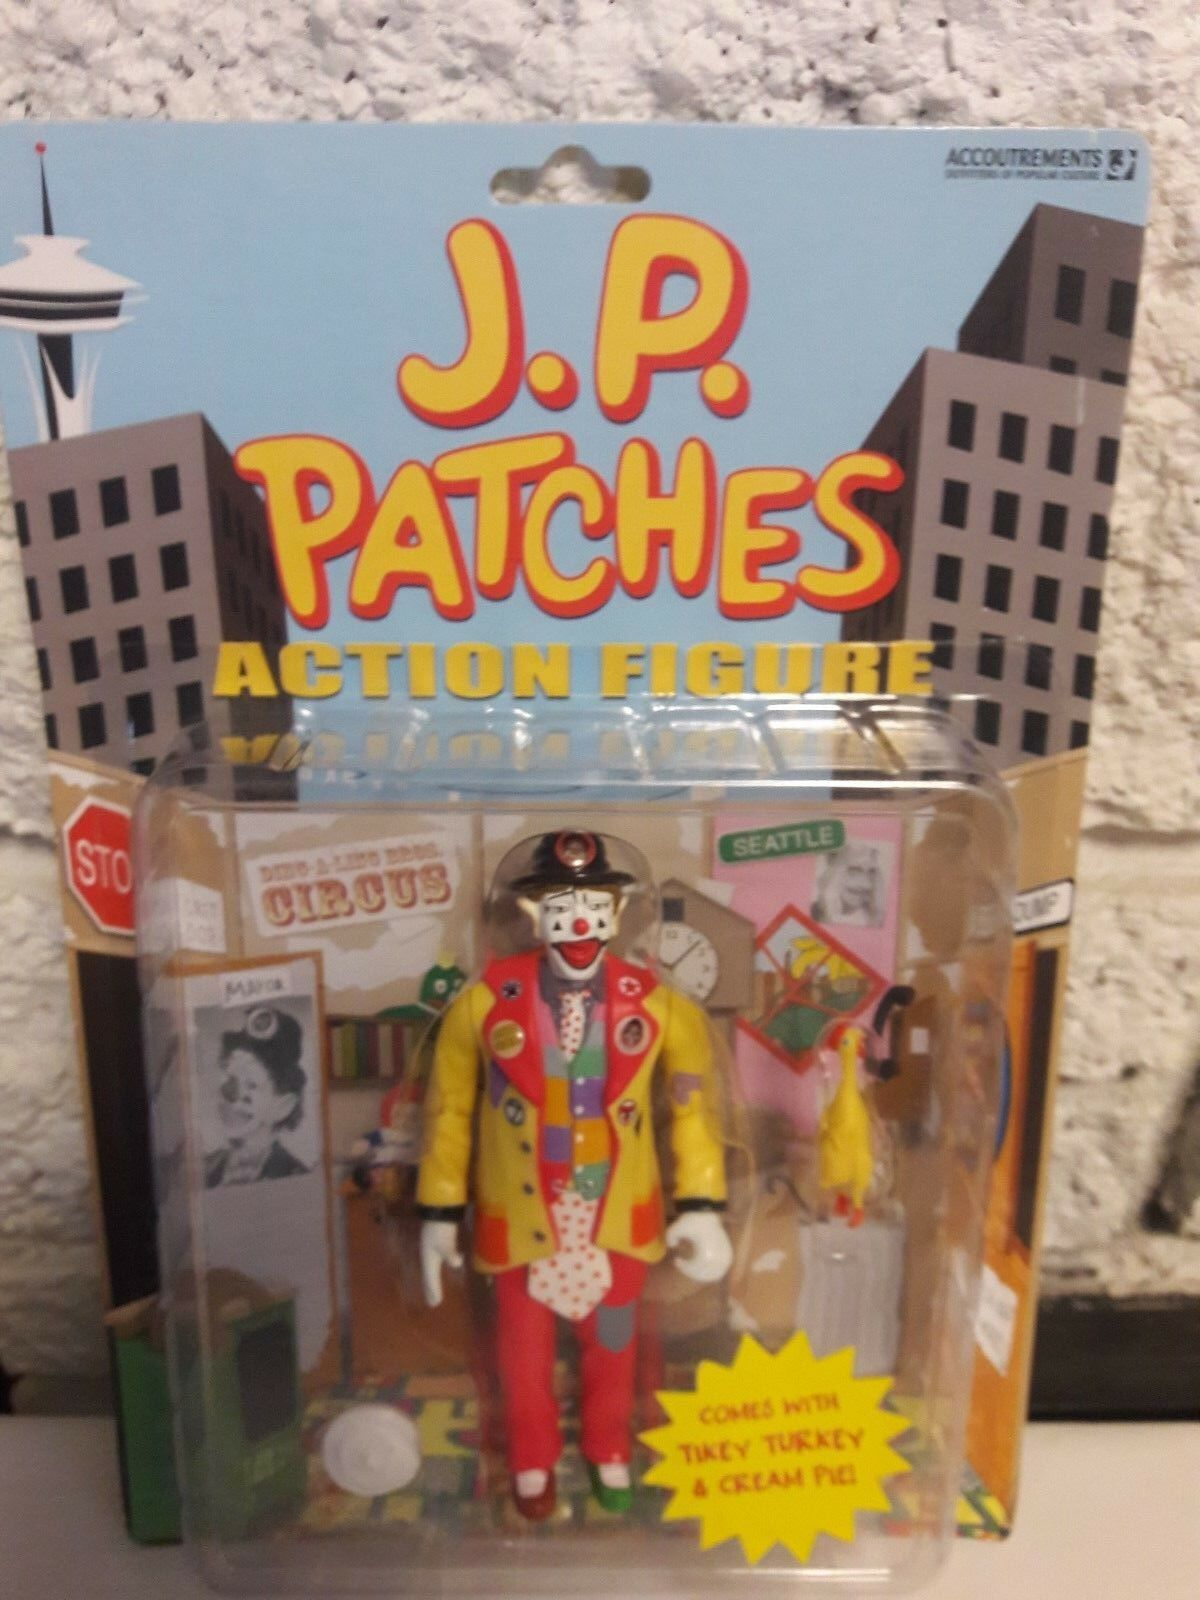 2003 J.P. PATCHES CLOWN ACTION FIGURE ACCOUTREMENTS NIP